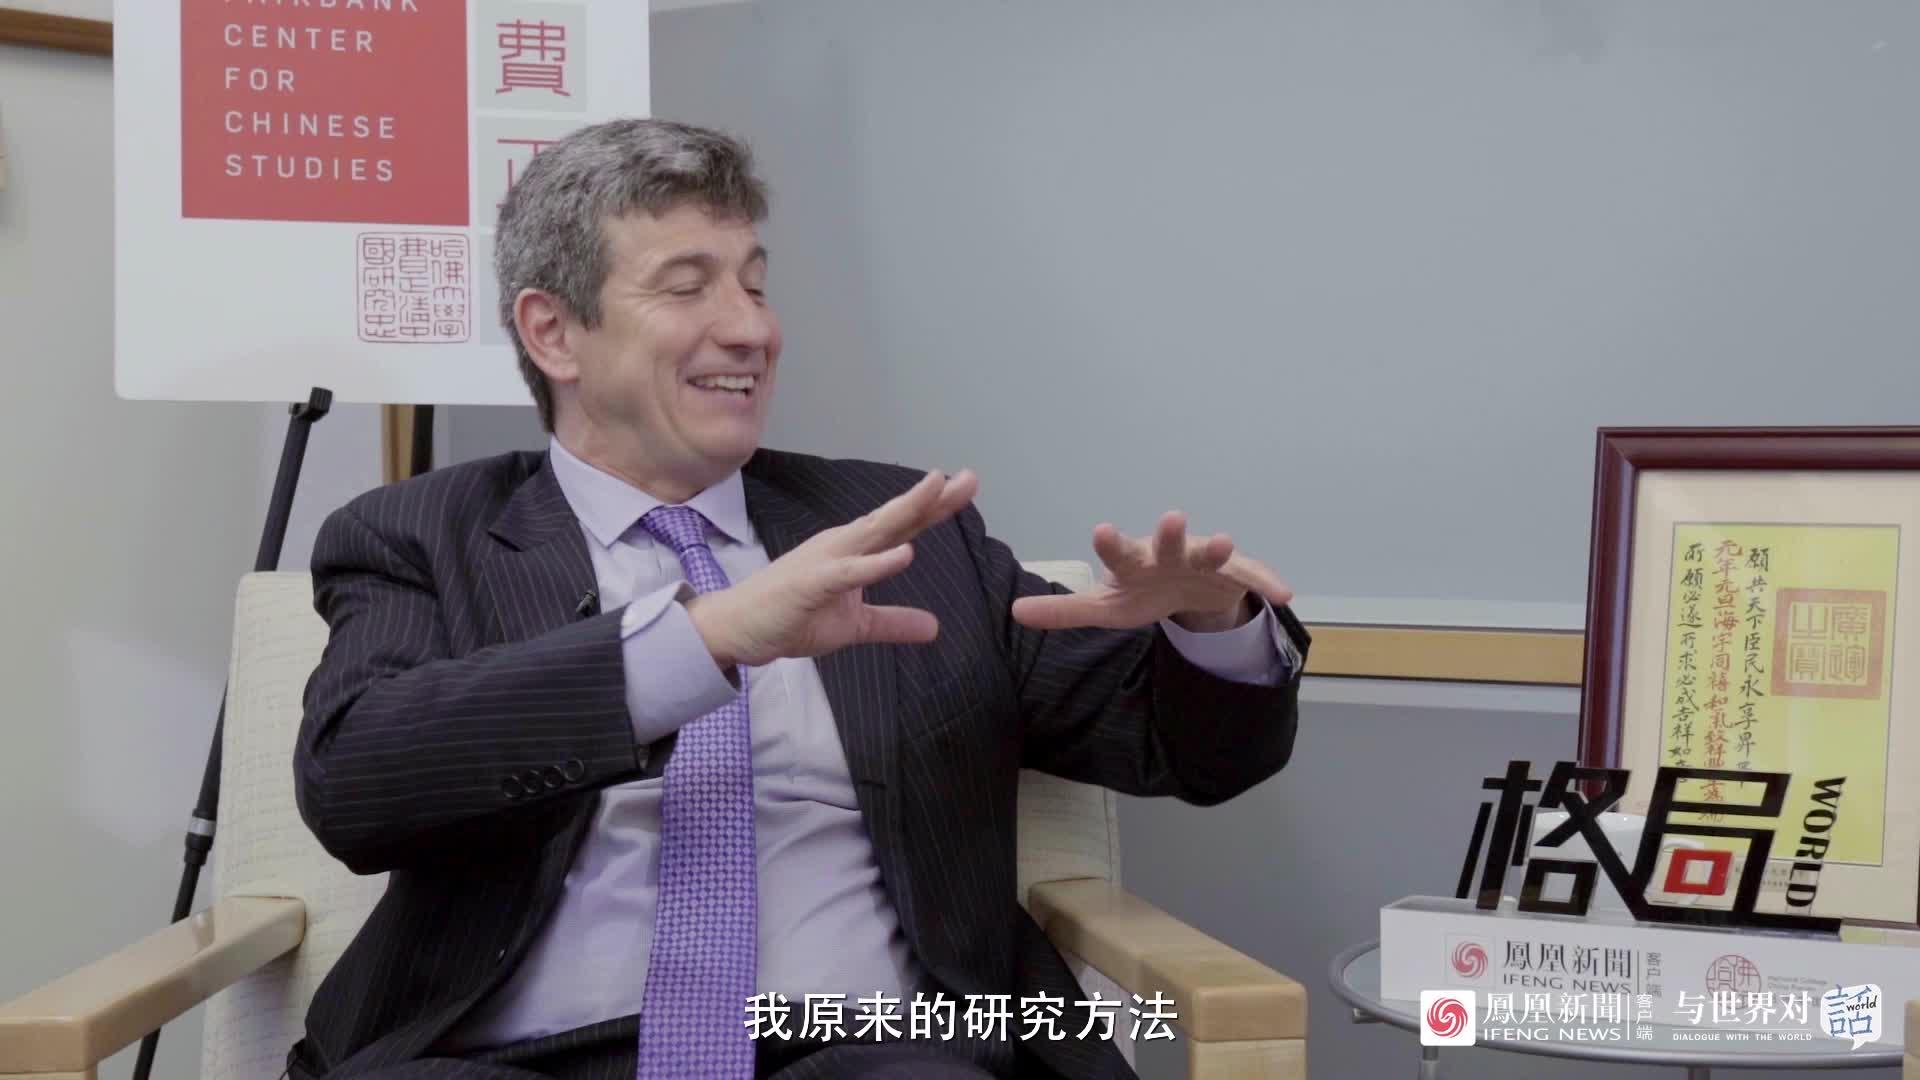 哈佛教授宋怡明:既得利益占主导,历史需要批判对待